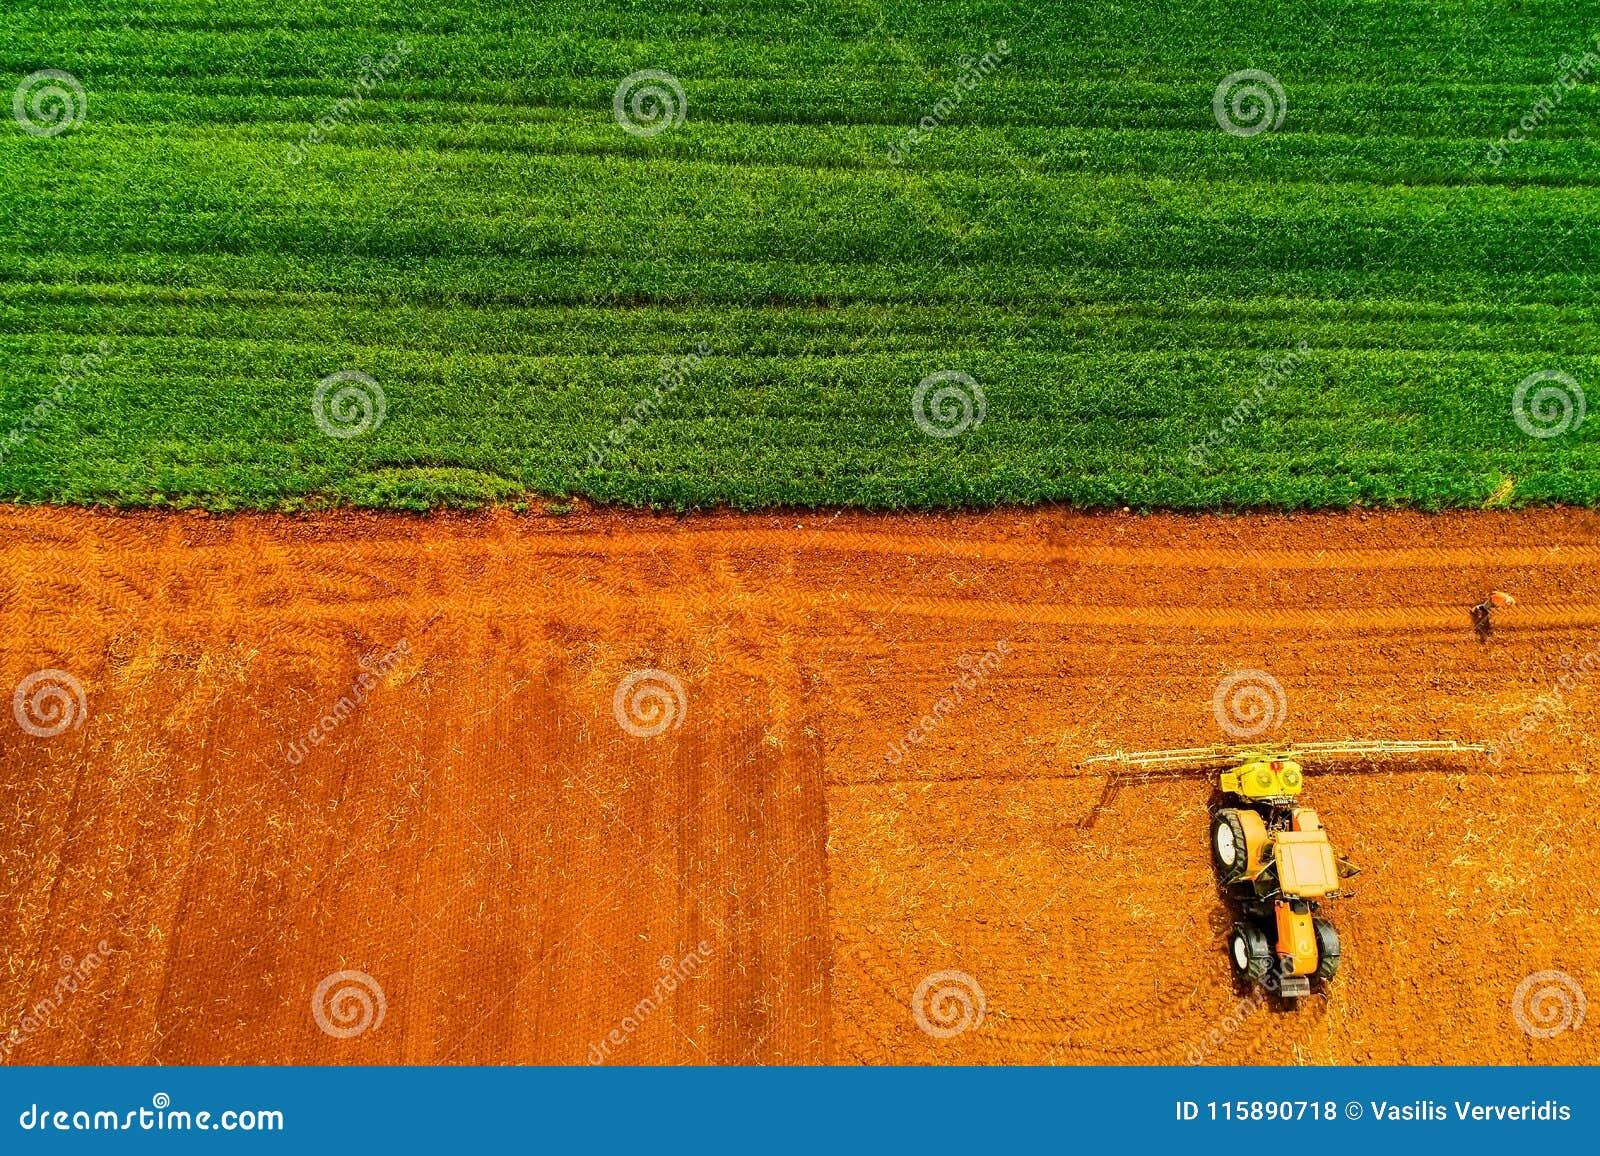 Tiro aéreo do fazendeiro com um trator no campo agrícola